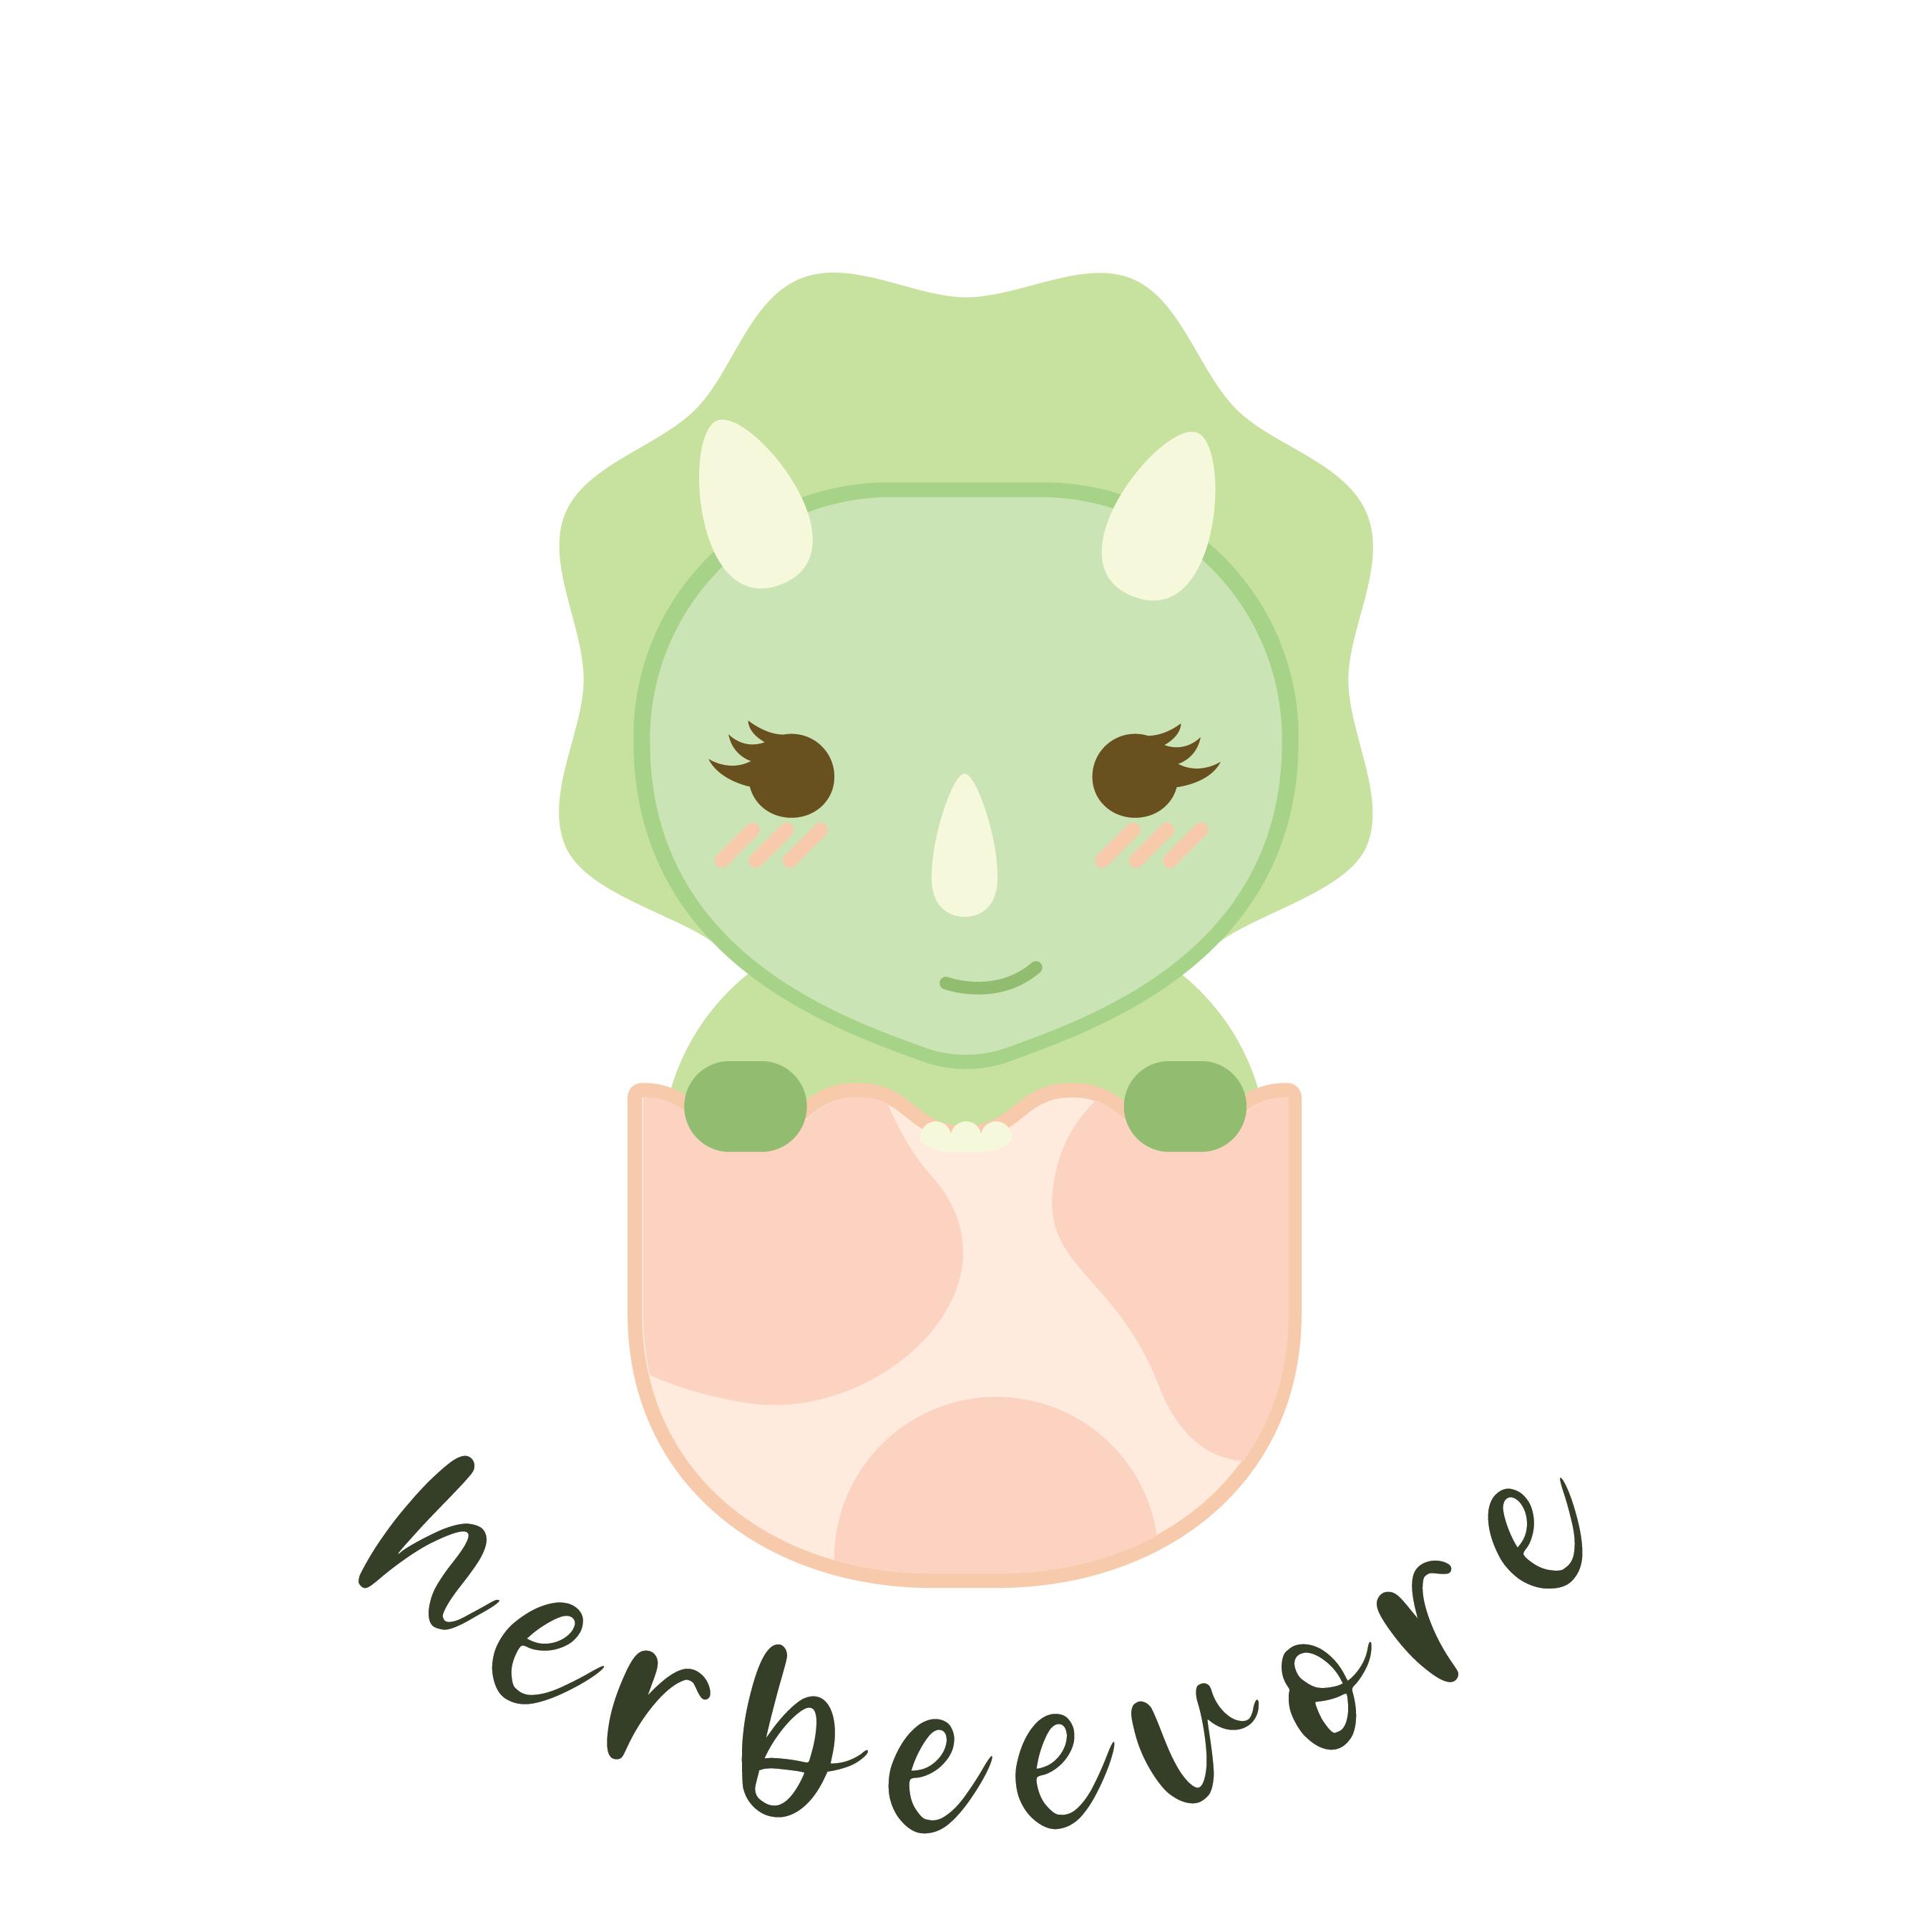 Herbeevore